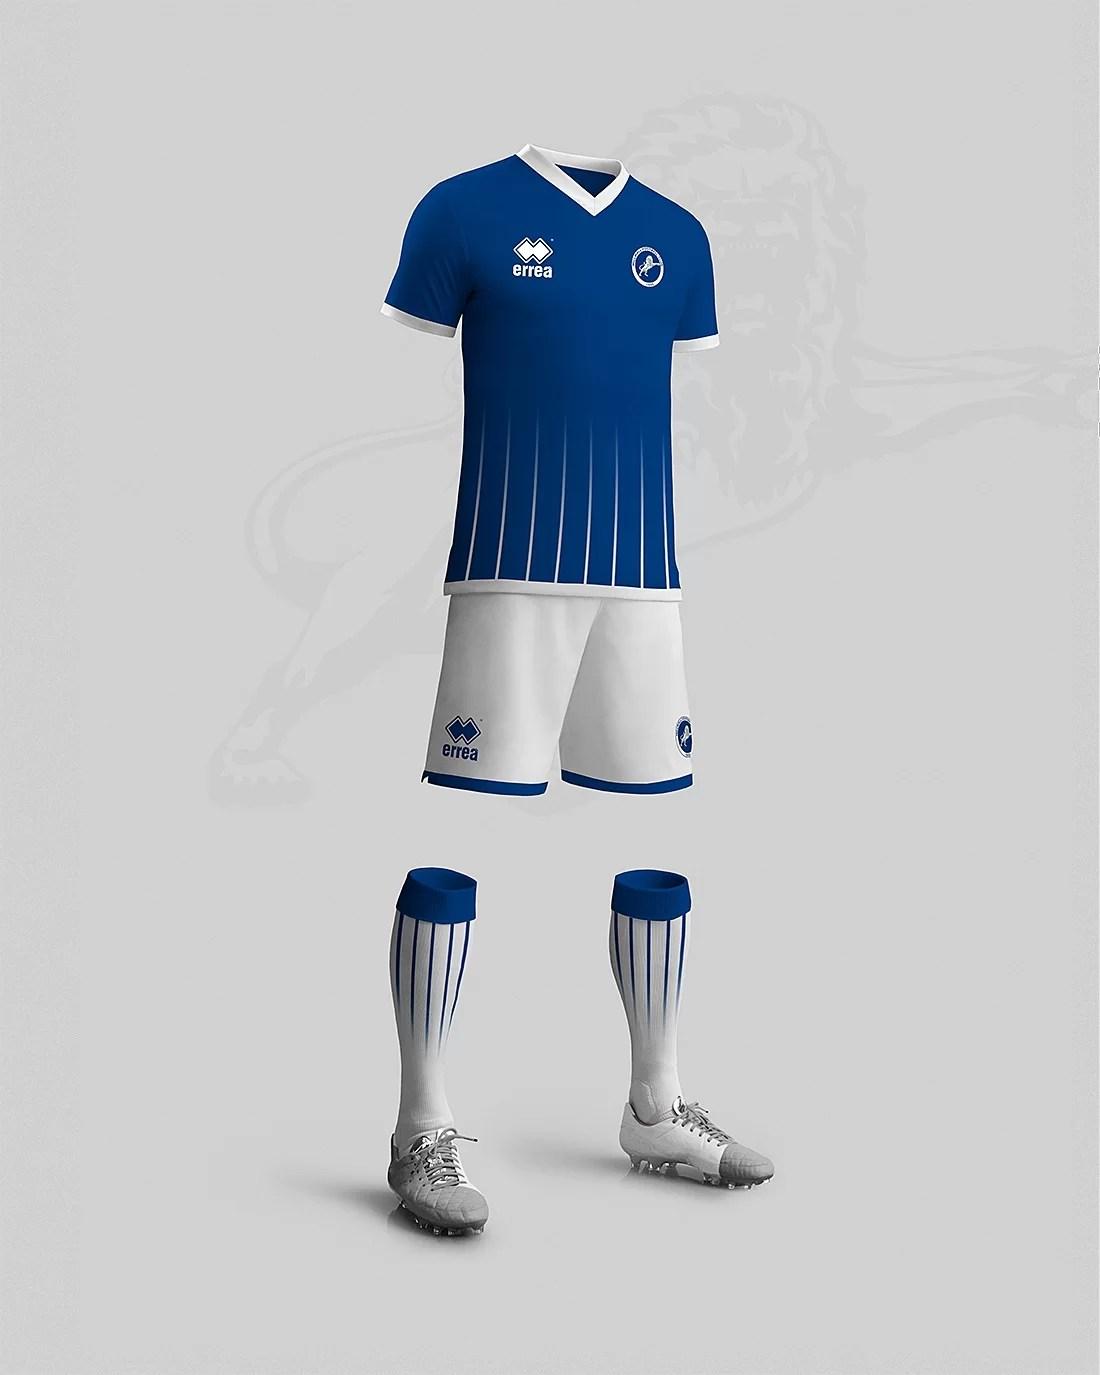 Stroje piłkarskie projekt Millwall home kit design